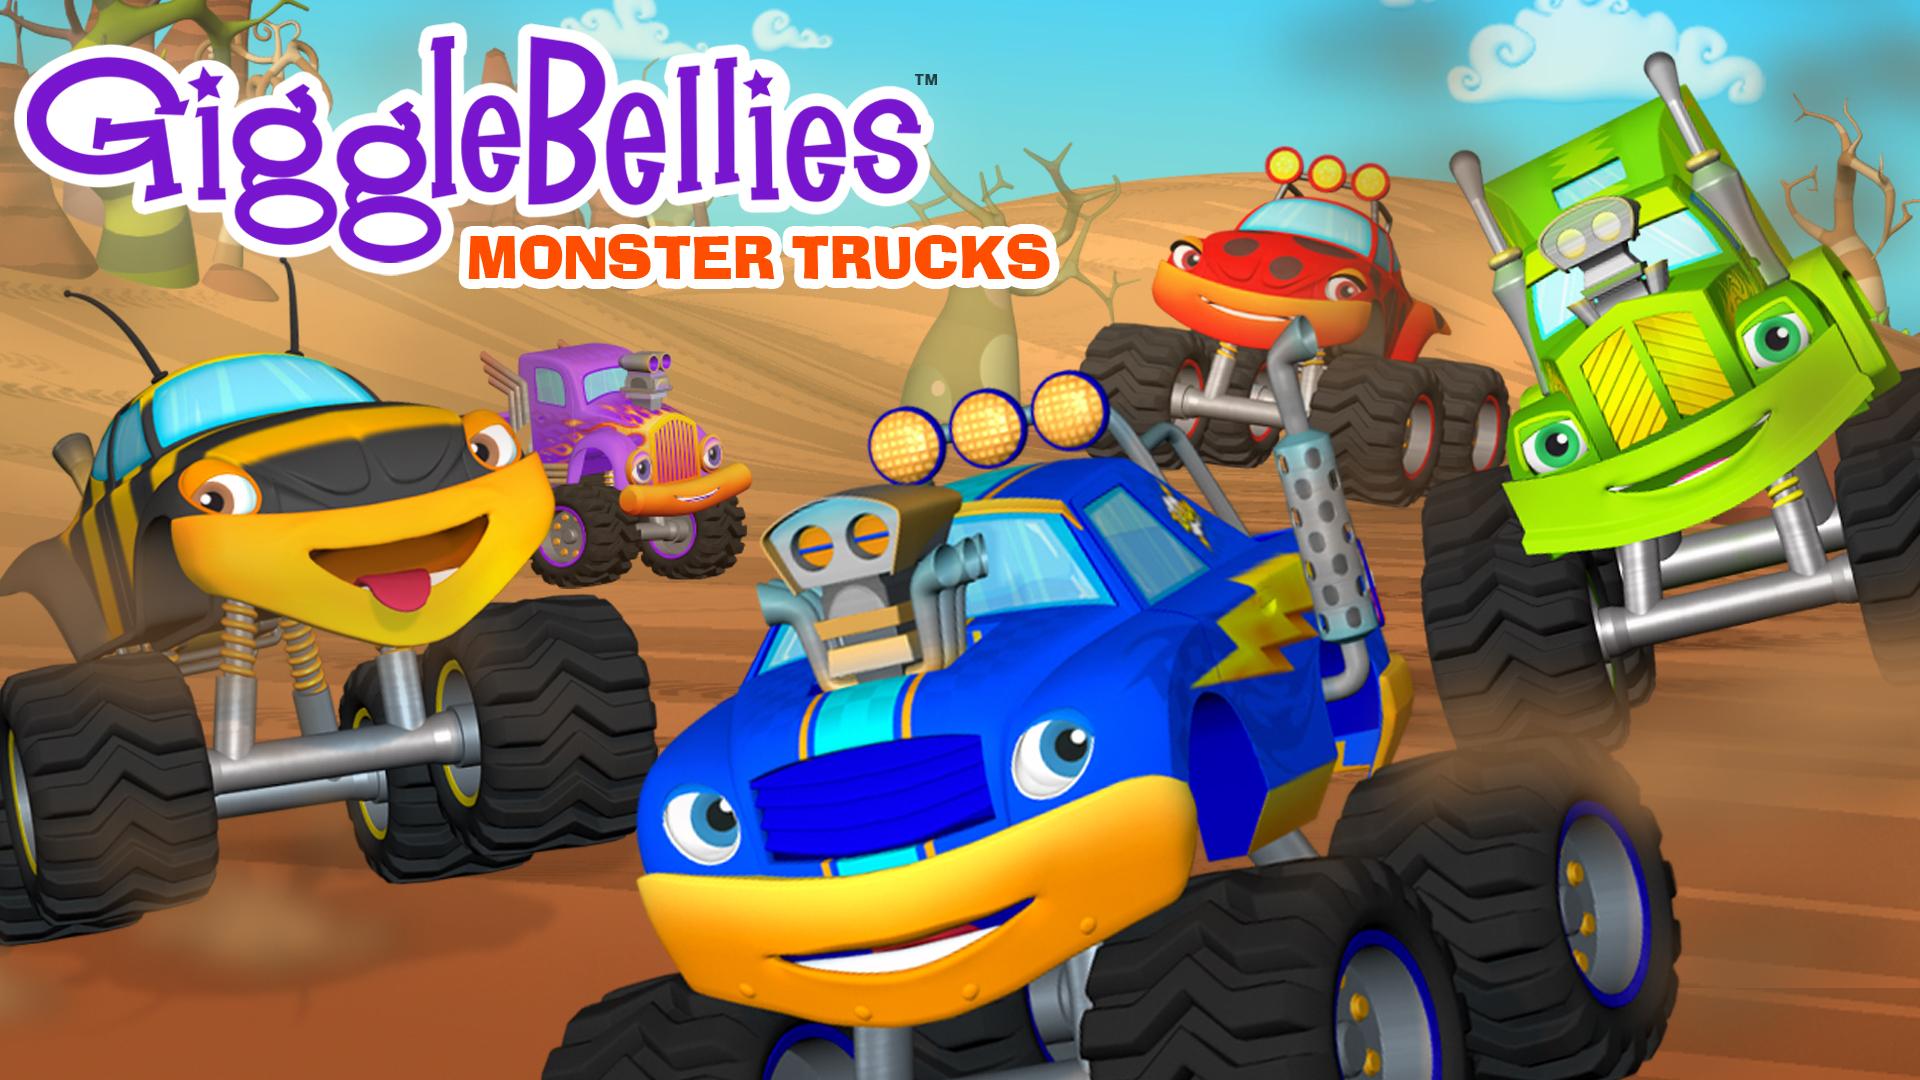 The GiggleBellies: Monster Trucks